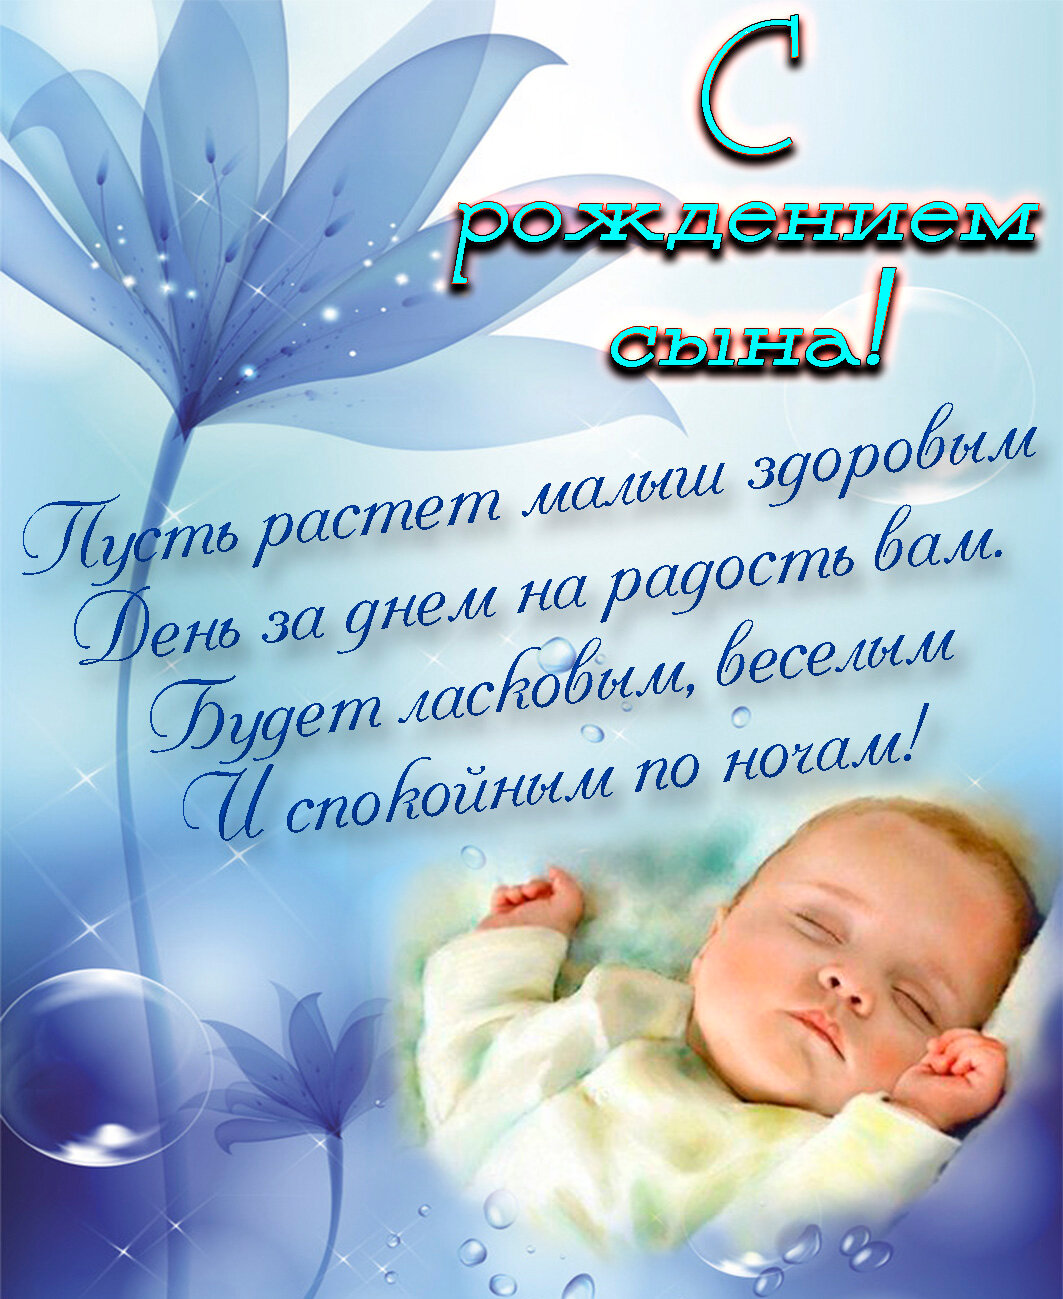 Бабушке, открытка с рождением сына поздравляем